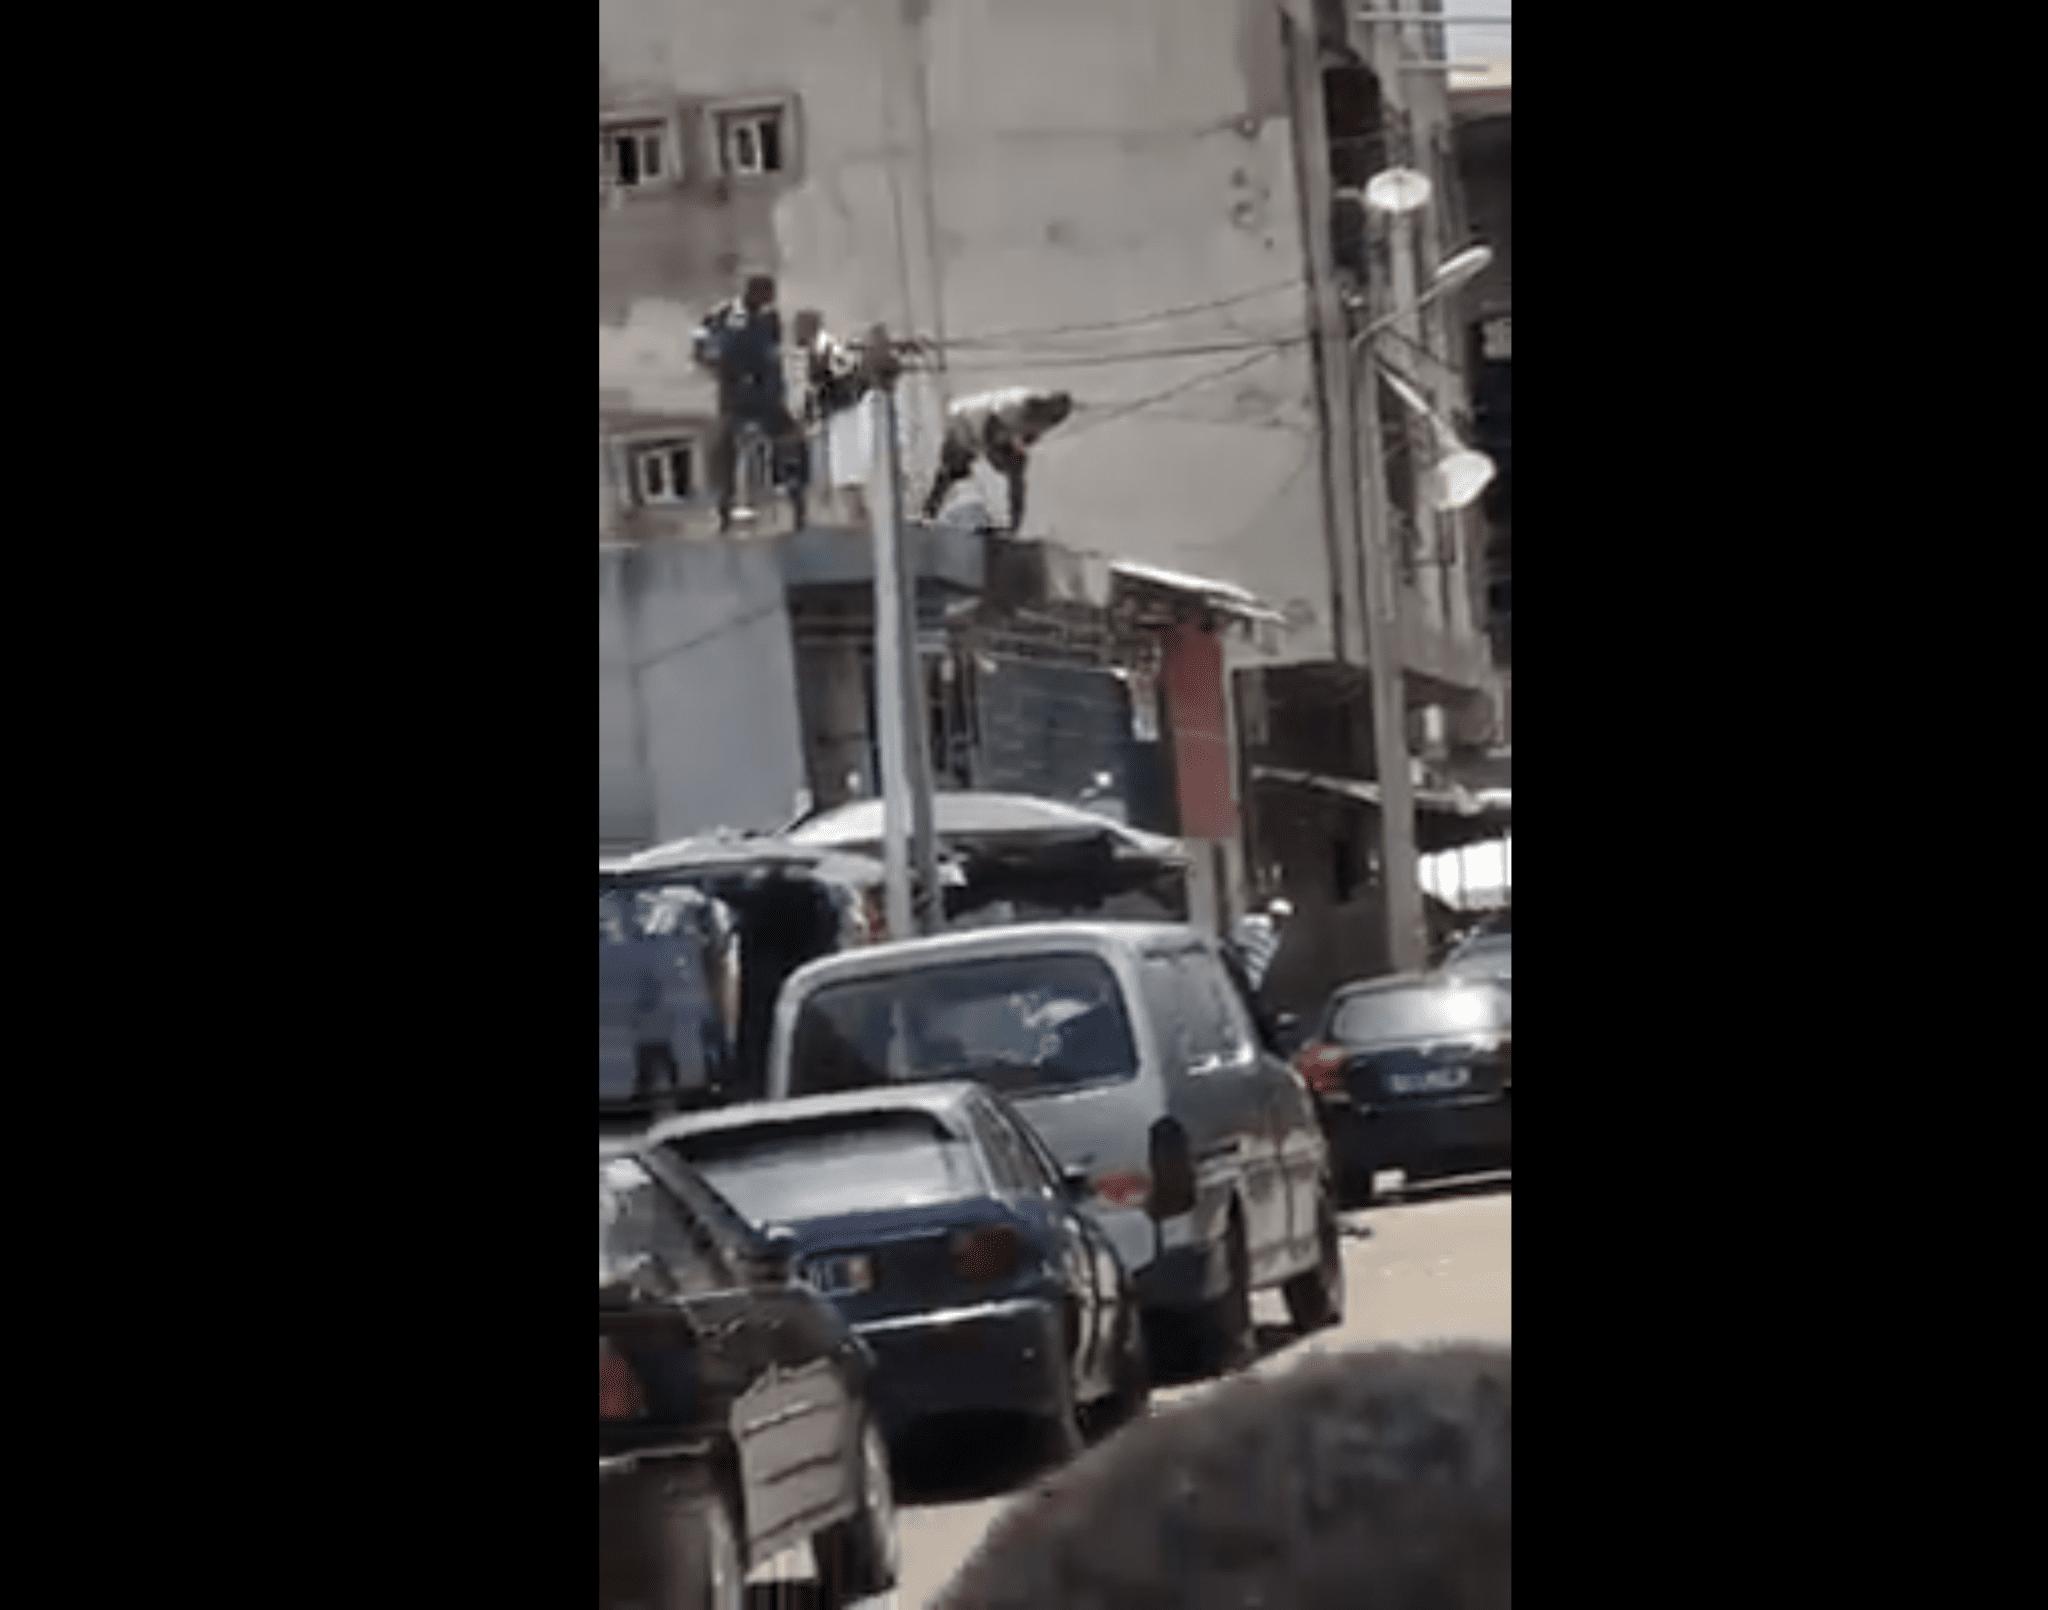 Côte d'Ivoire : La vidéo d'un braquage spectaculaire en plein jour fait le buzz sur la toile